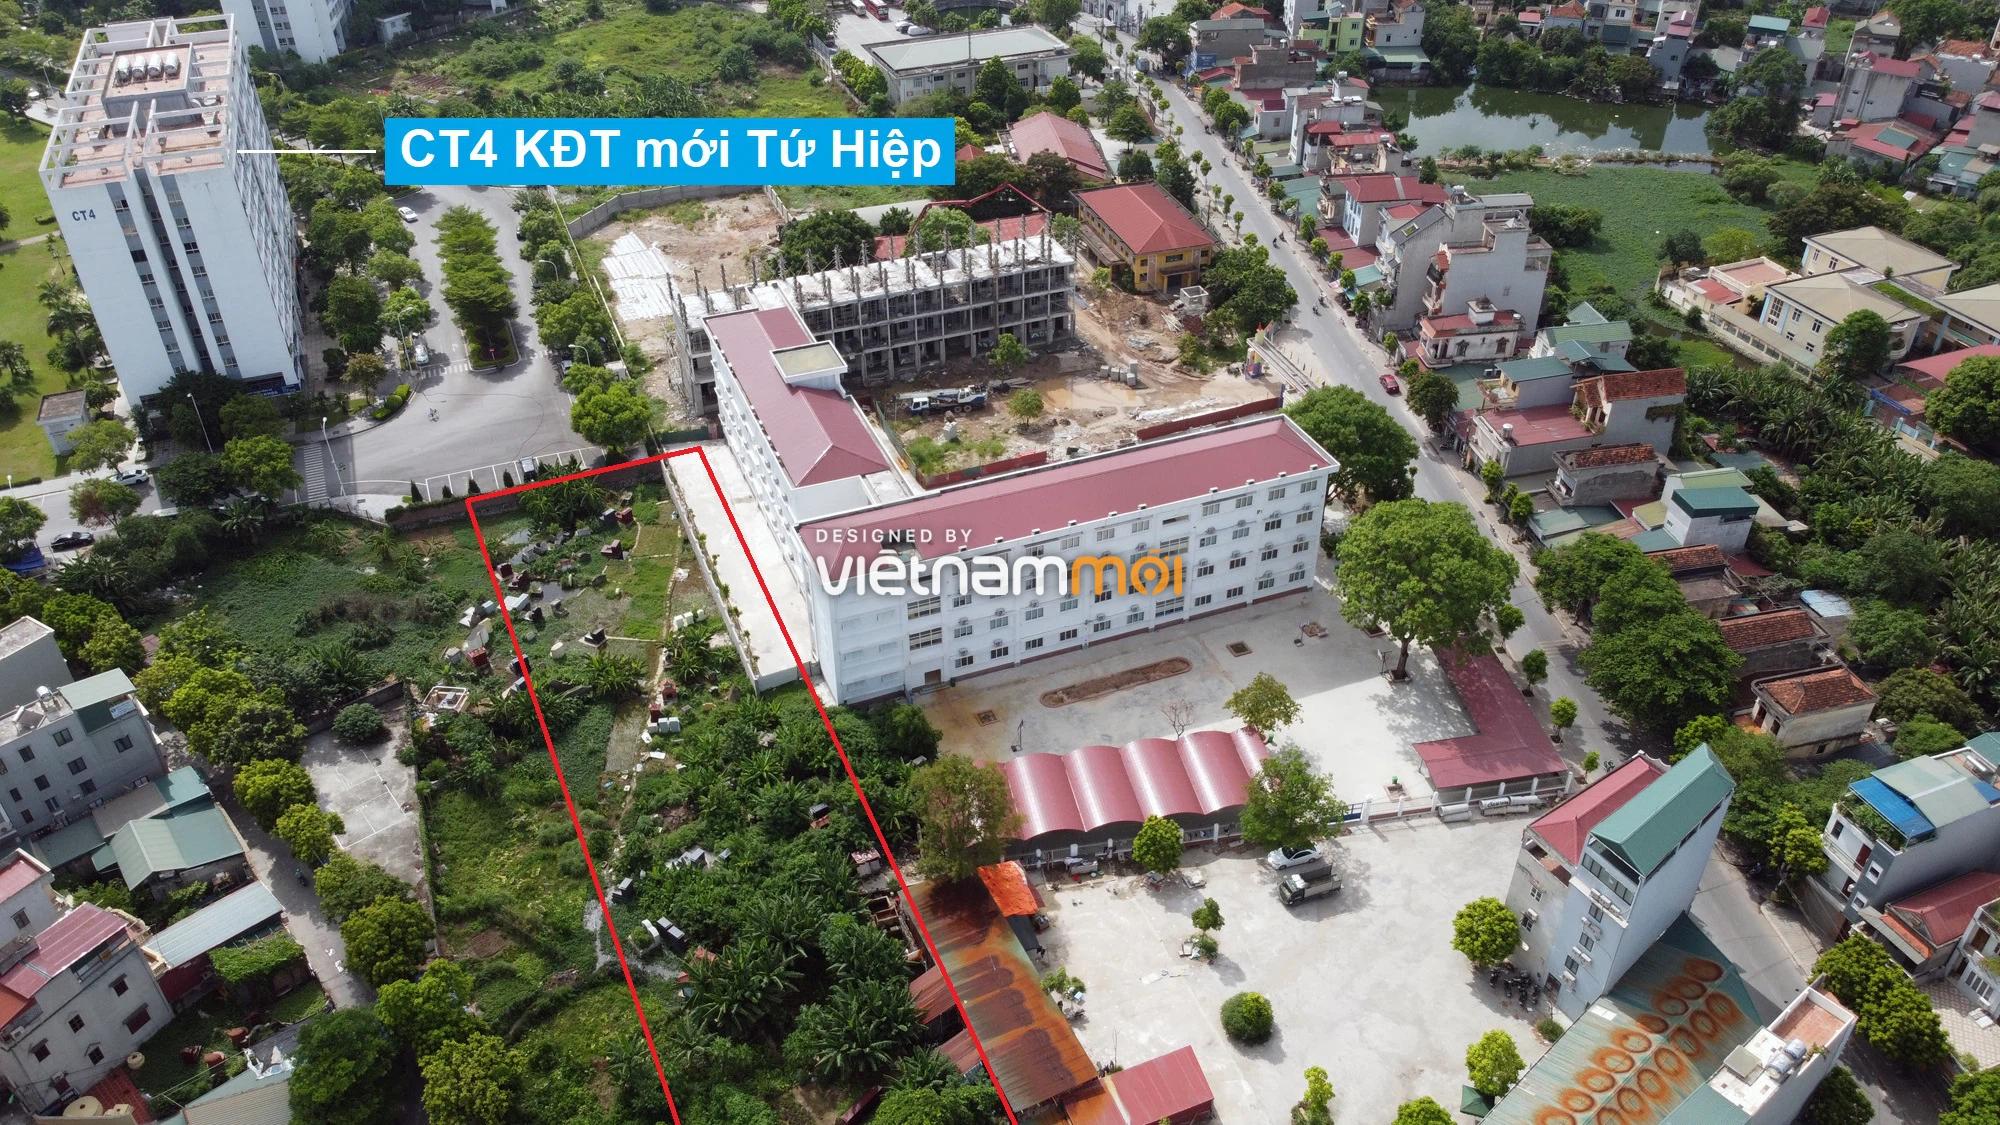 Những khu đất sắp thu hồi để mở đường ở xã Tứ Hiệp, Thanh Trì, Hà Nội (phần 1) - Ảnh 13.